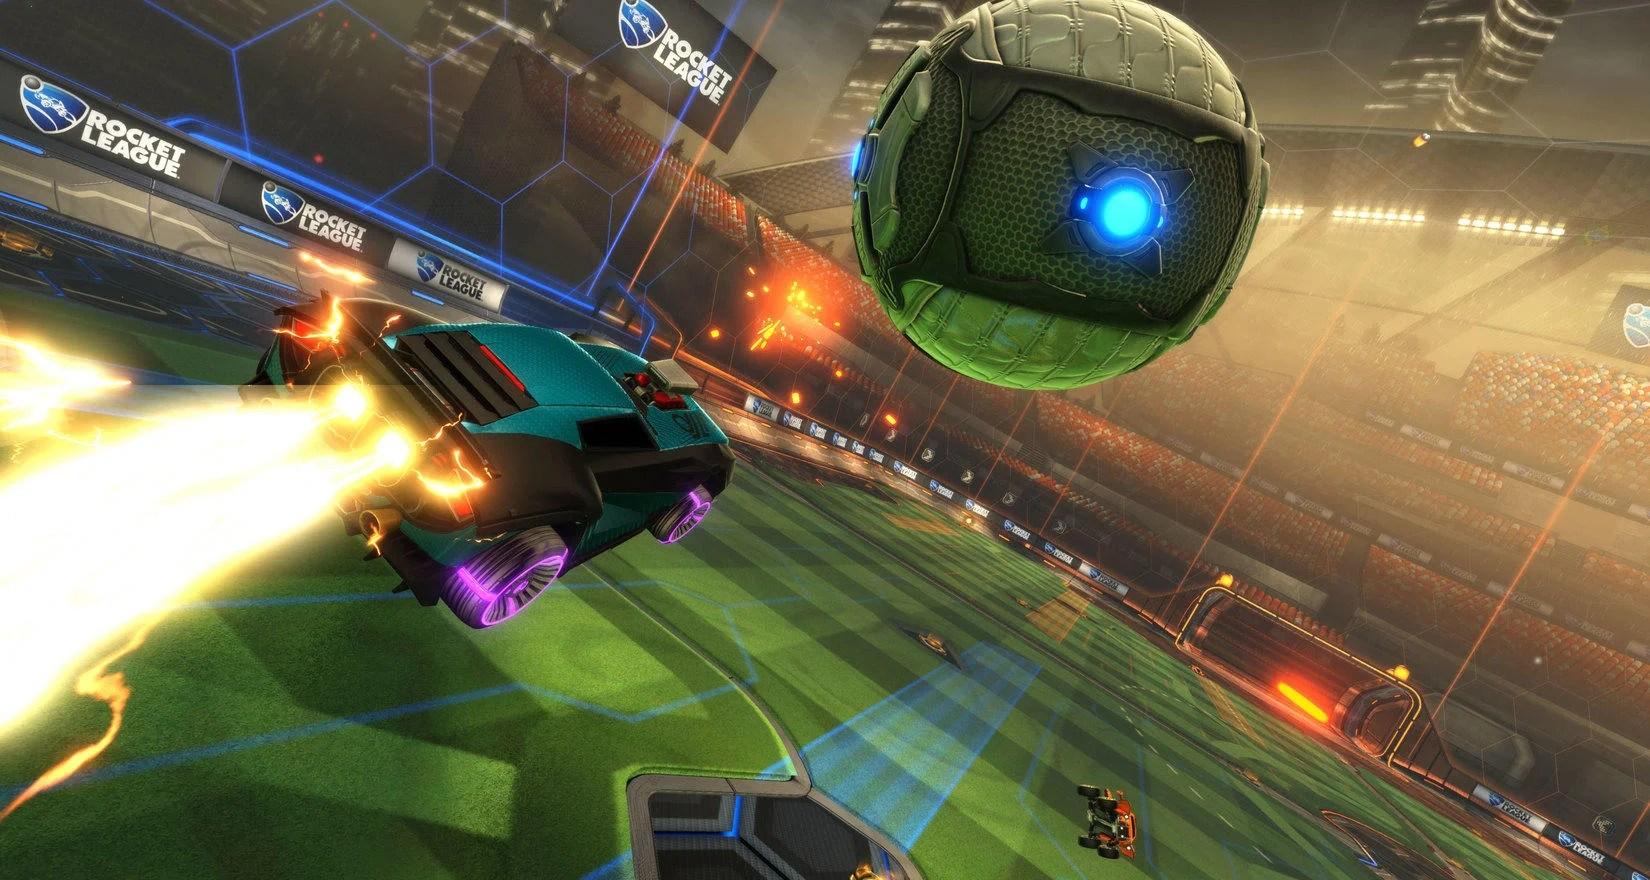 Rocket League Xbox One S Bundle Coming Soon Rocket League Official Site